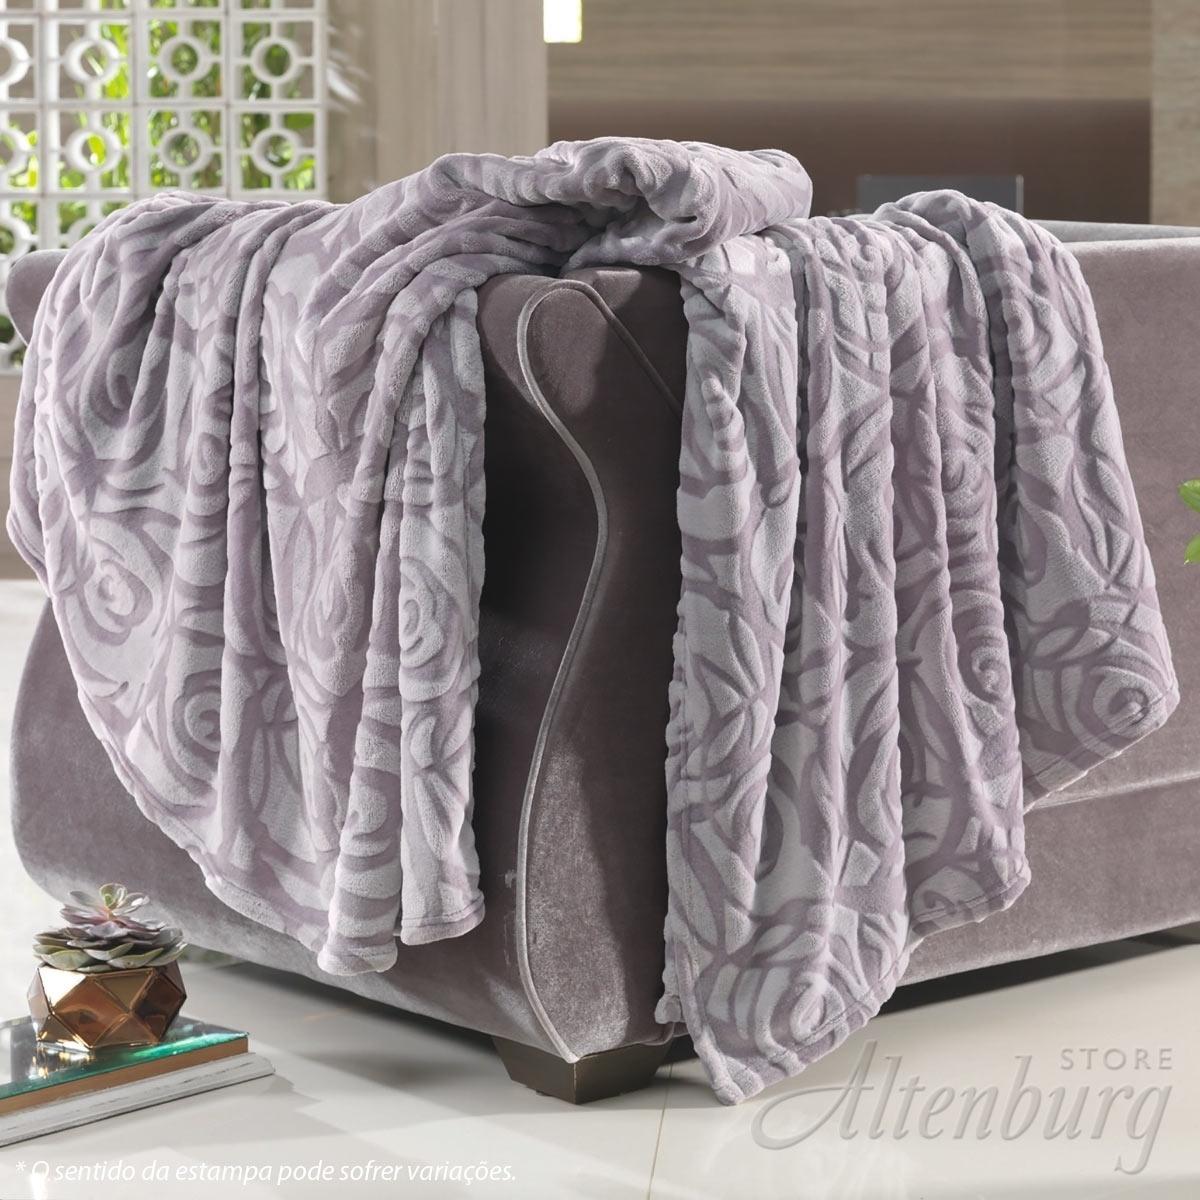 A manta fleece da Altenburg é fabricada em microfibra de poliéster e está disponível nos tamanhos solteiro, casal e